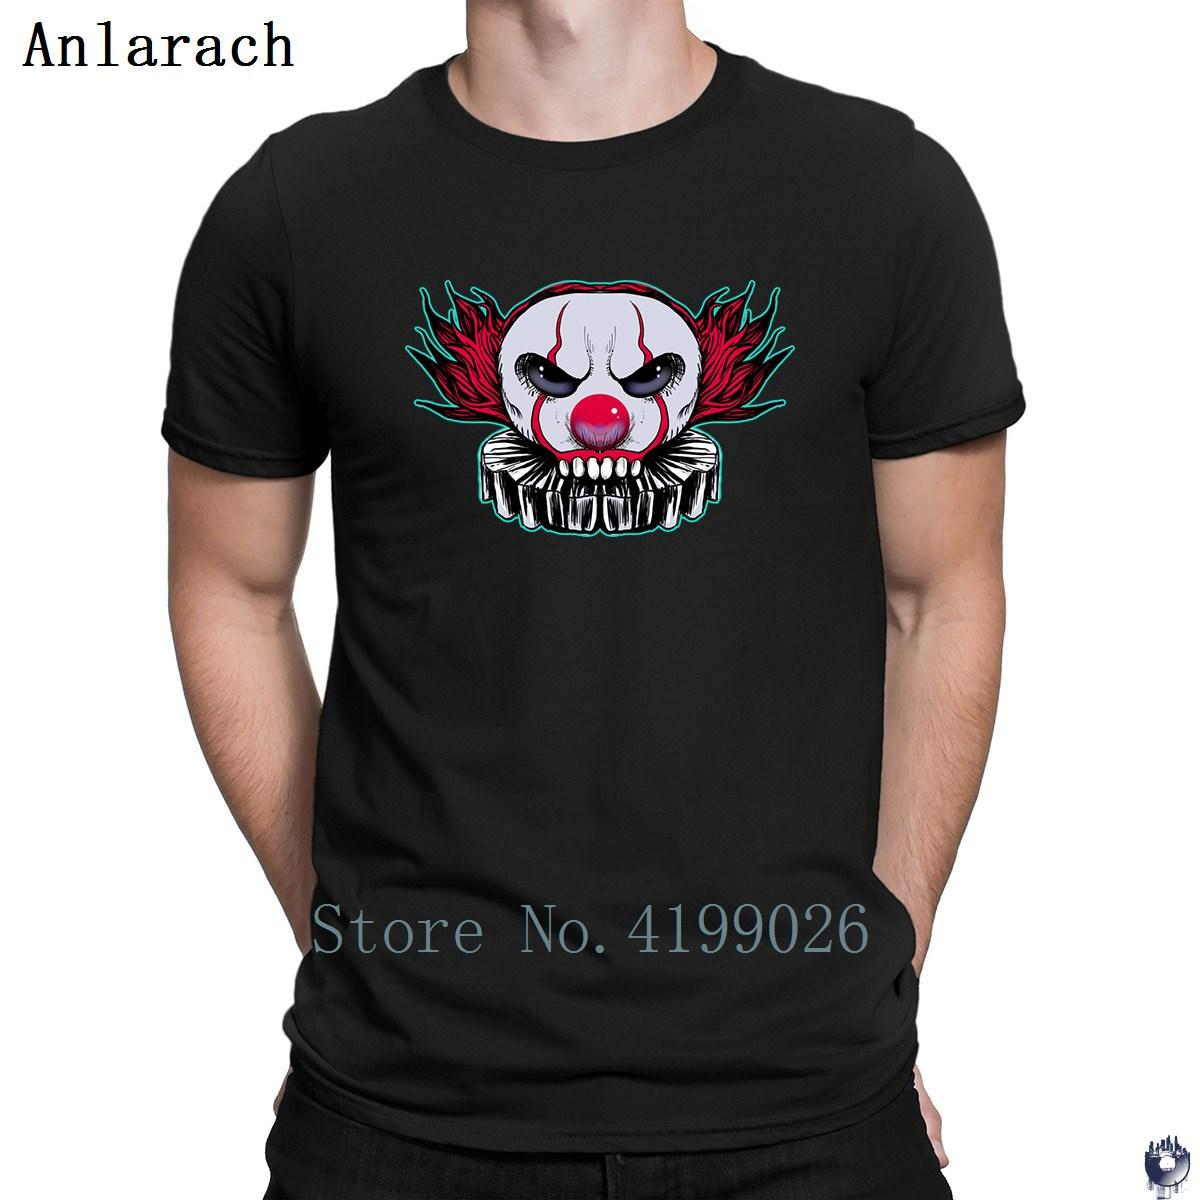 Cráneos lindos TI camiseta Fotos de envío libres del verano de la criatura camiseta para los hombres de la cadera hop clásico unisex Anlarach S-3XL